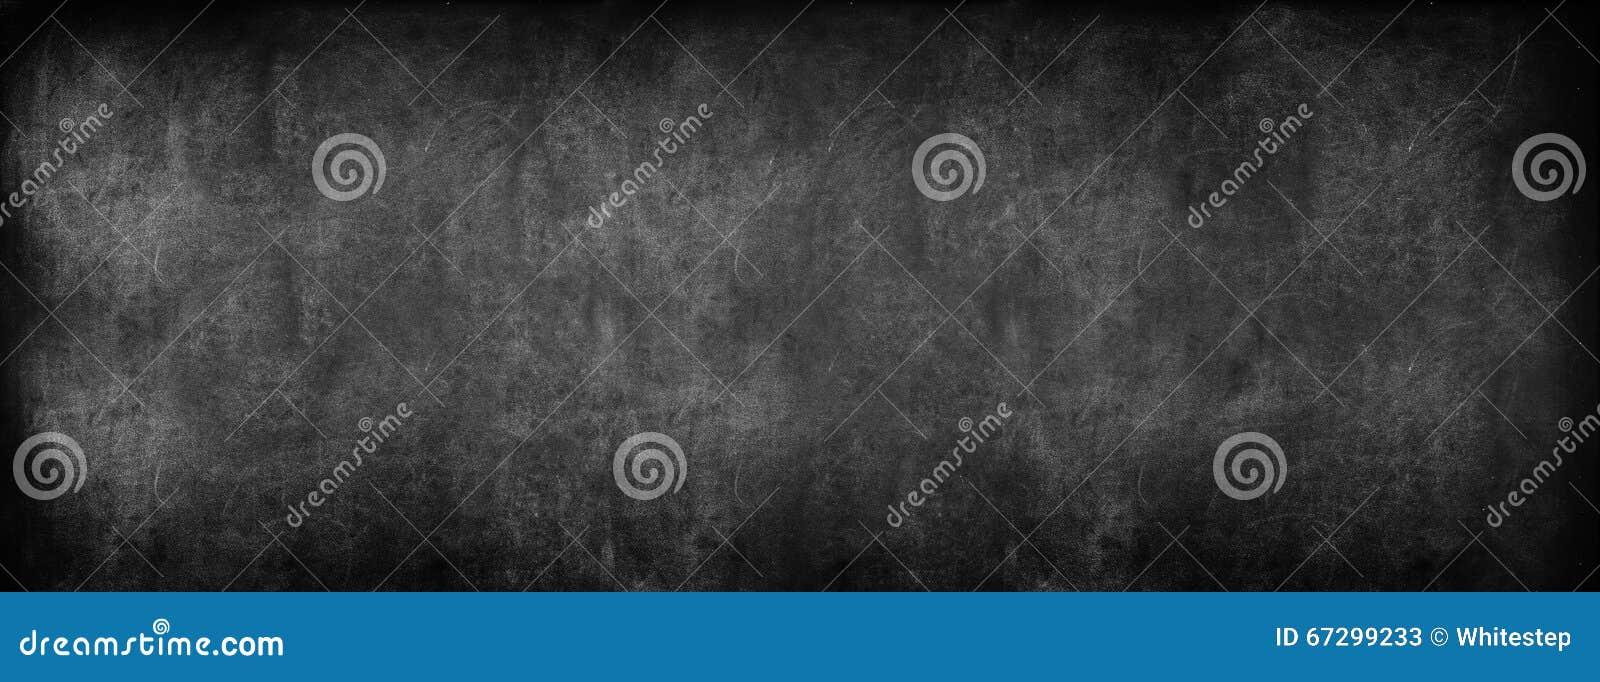 Czarny sala lekcyjnej Blackboard tło Szkolna rocznik tekstura